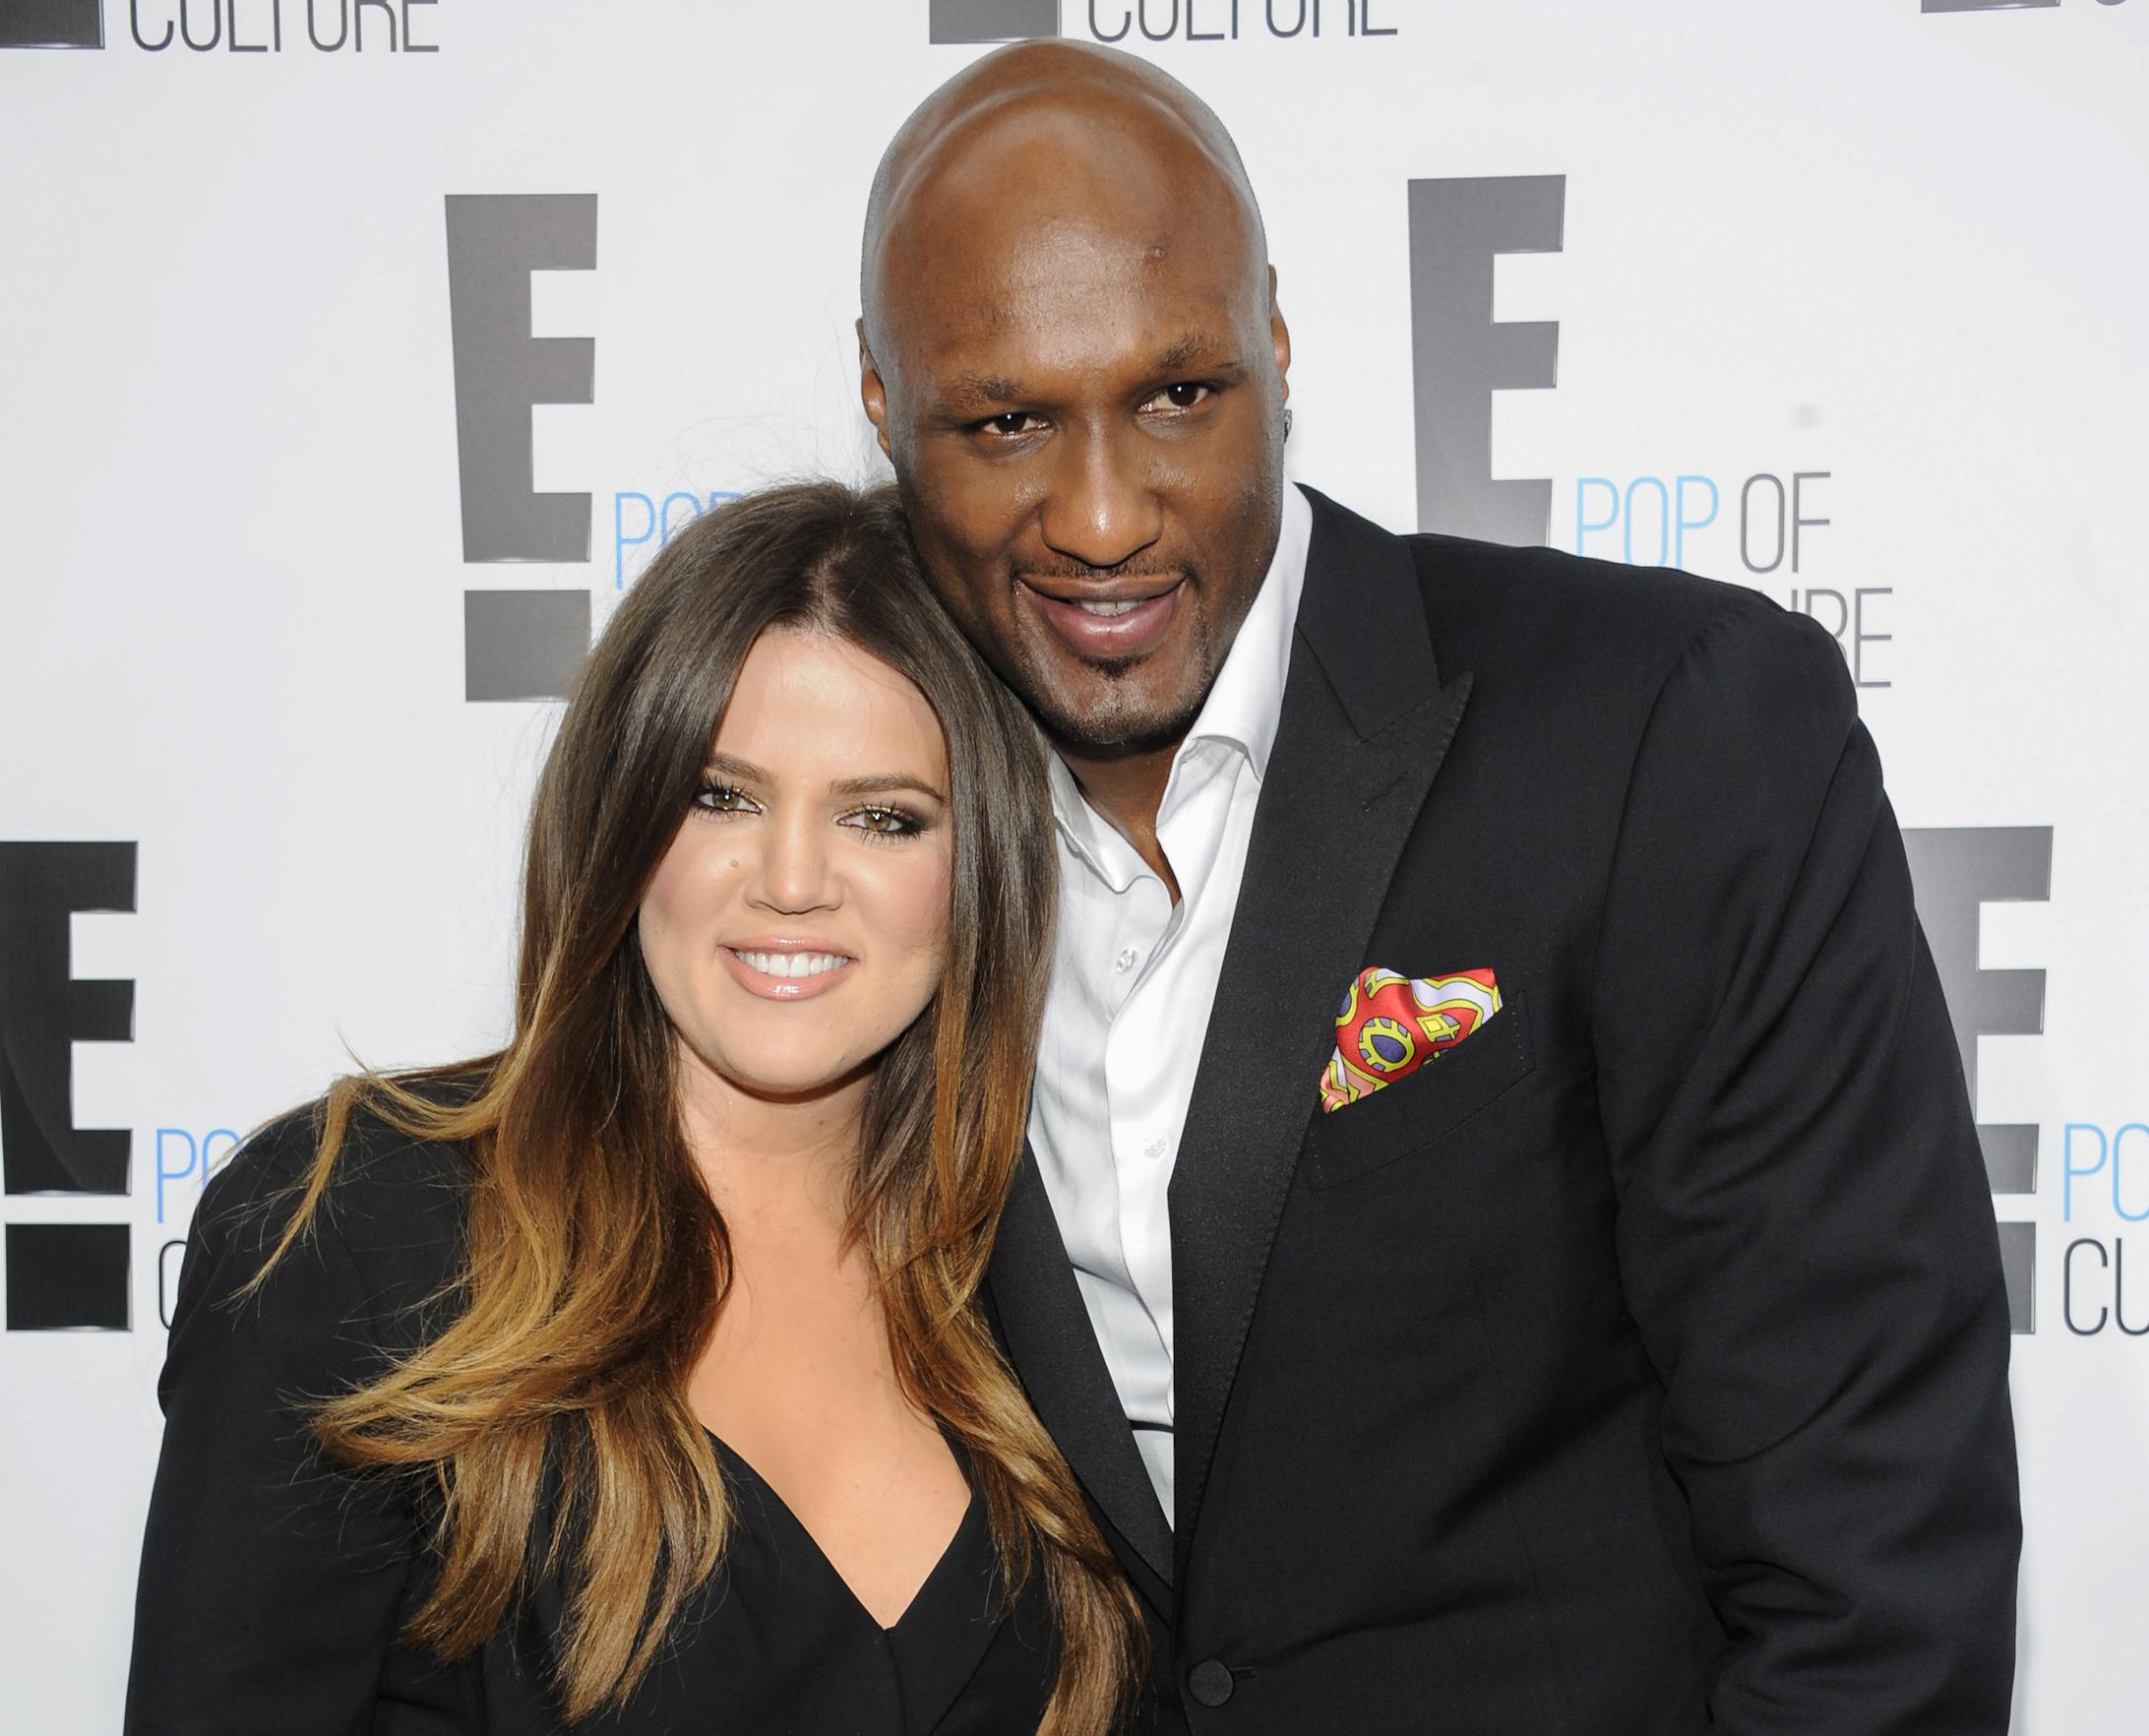 Lamar Odom with his ex-wife Khloe Kardashian